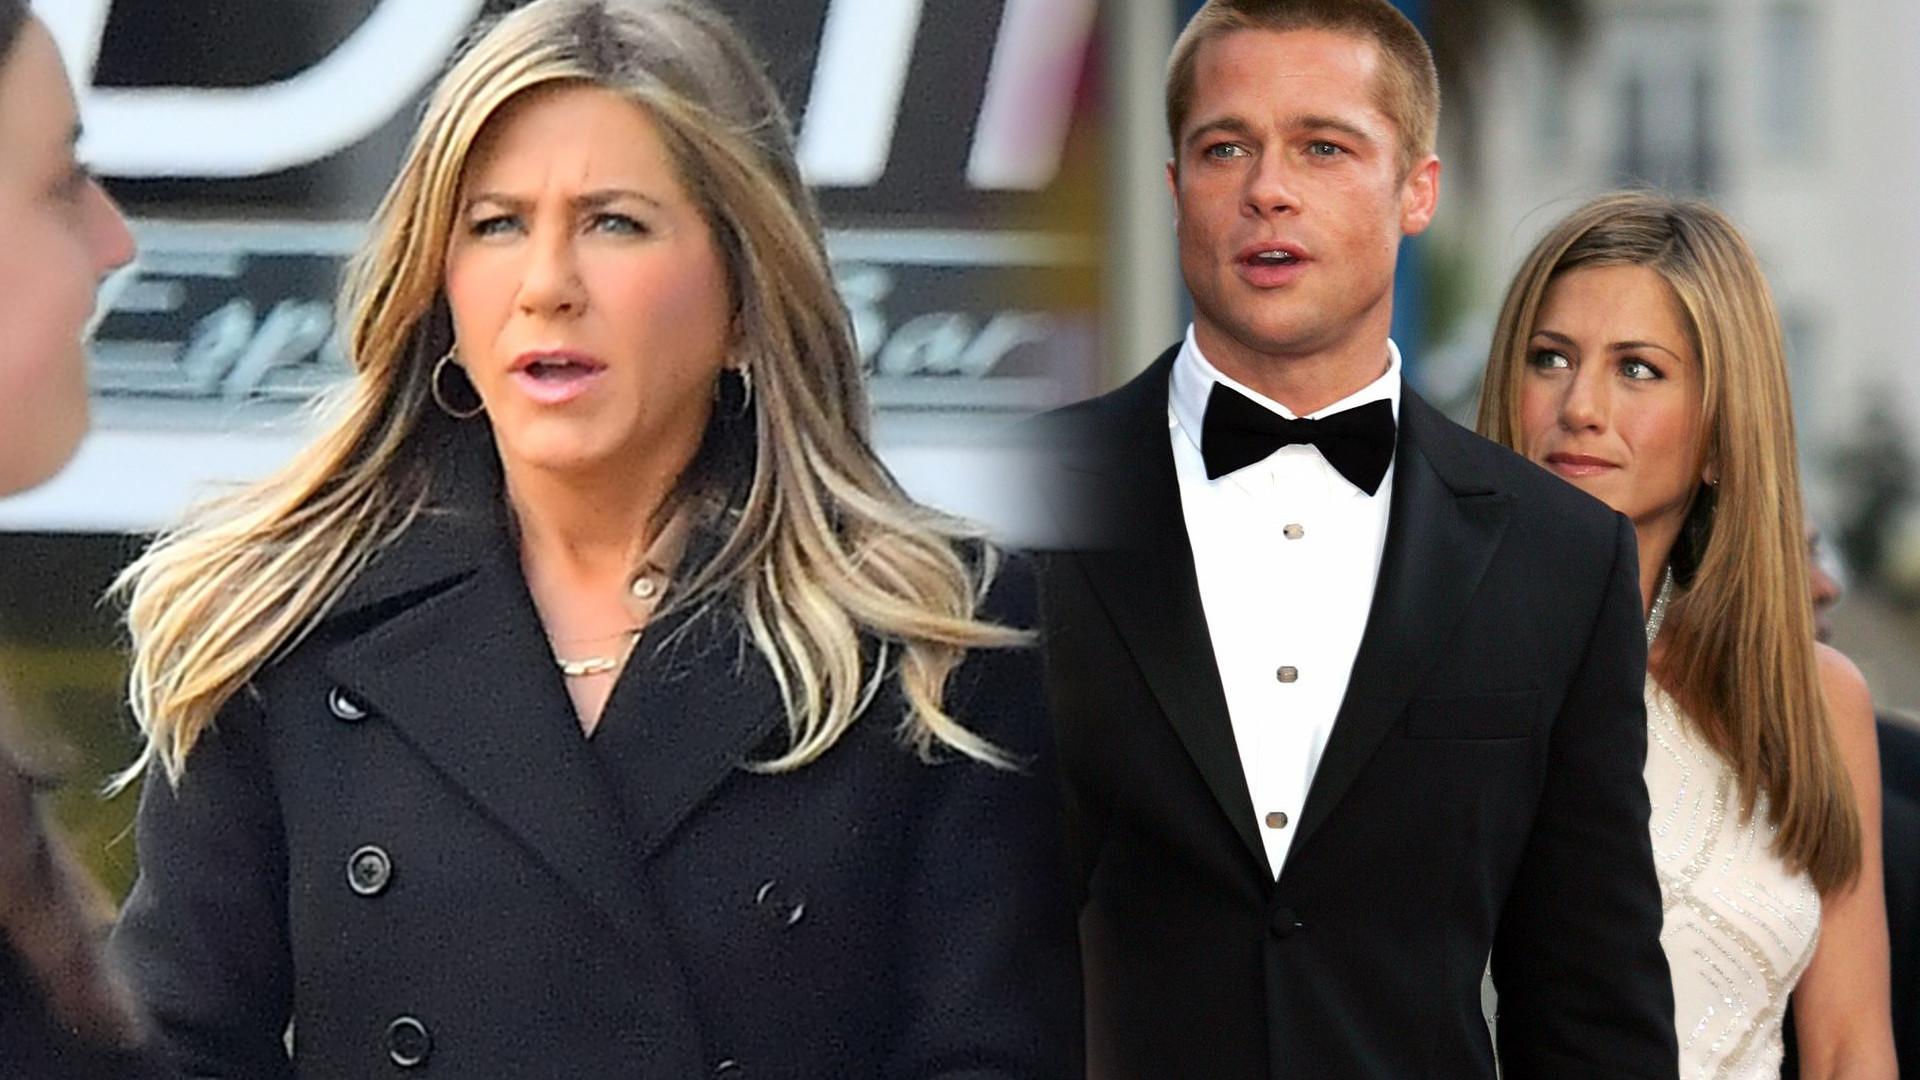 Koniec SPEKULACJI! Już wiadomo jaka relacja jest pomiędzy Jennifer Aniton, a Bradem Pittem